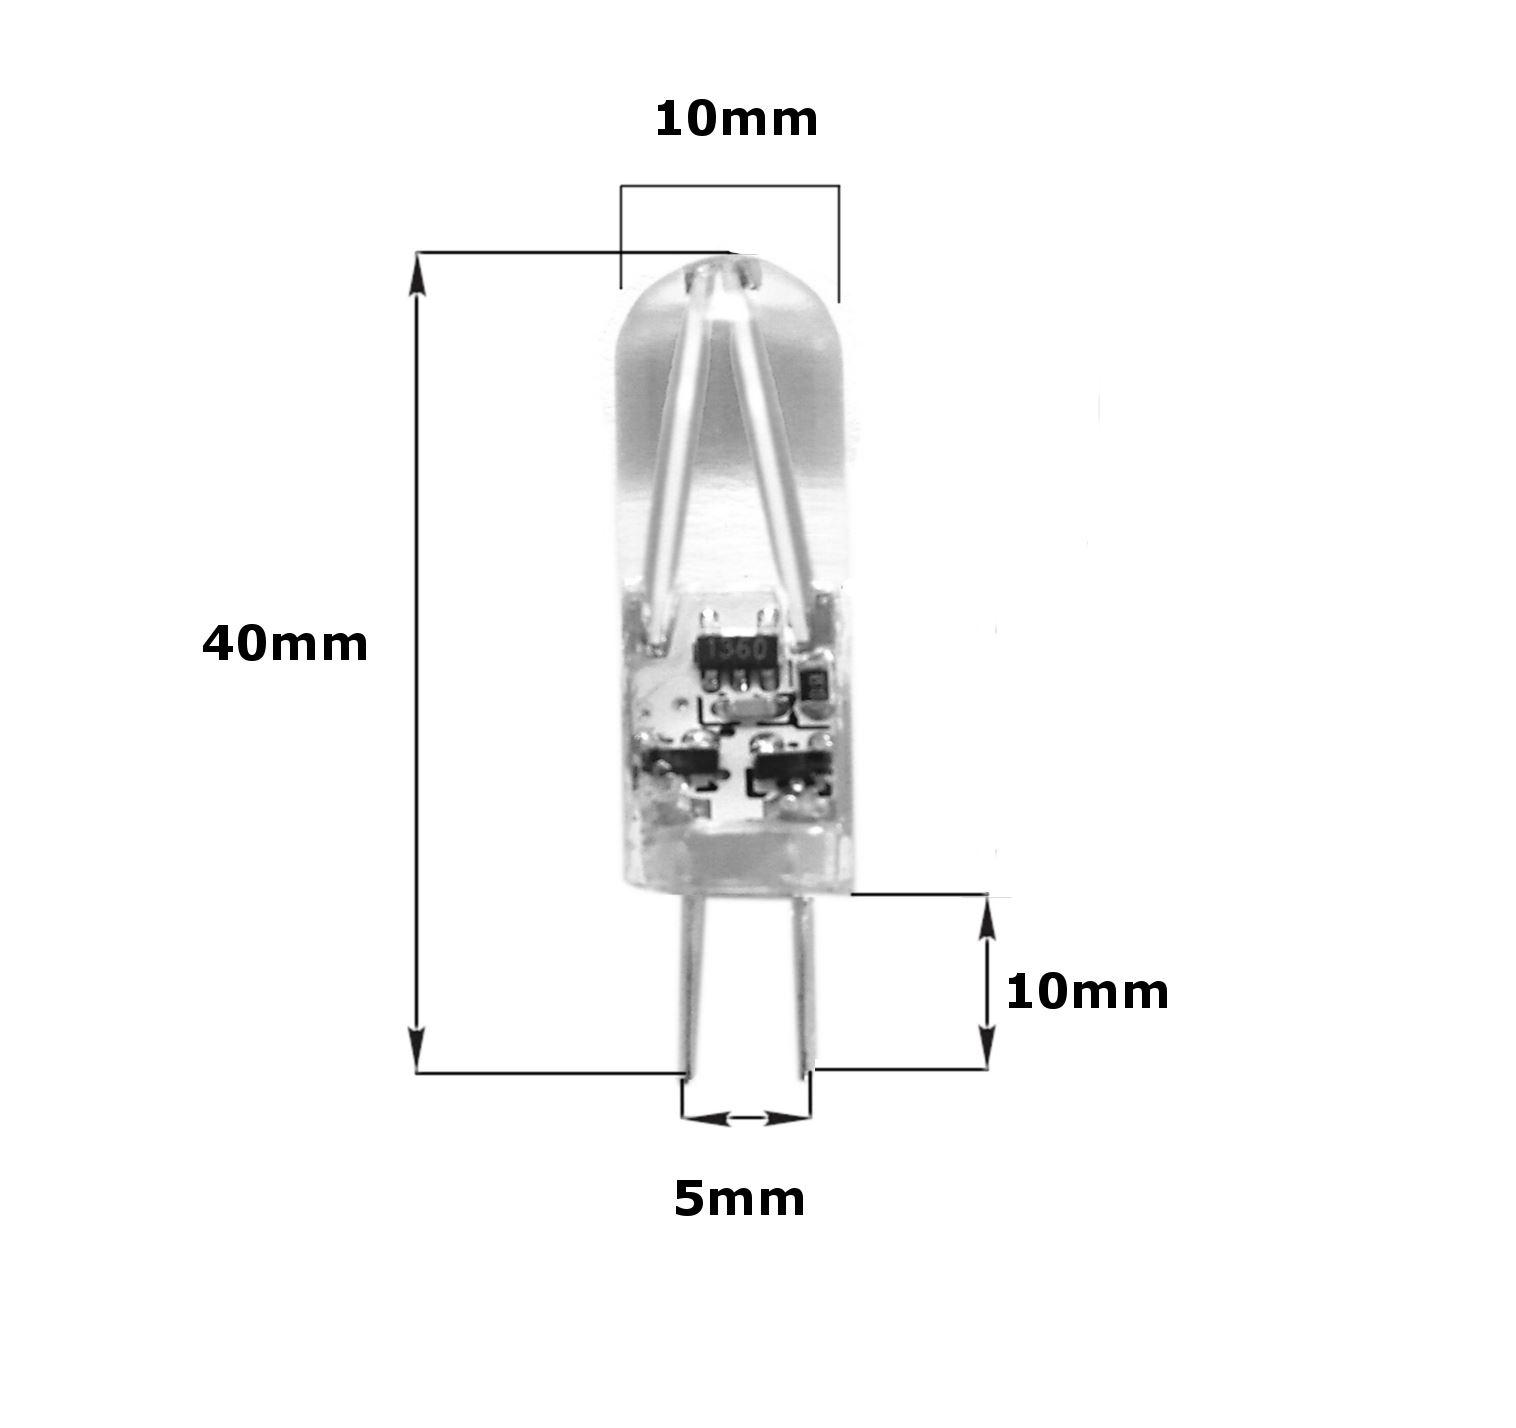 G4-LED-AC-DC-12V-220V-COB-Light-Bulb-Lamp-Car-Boat-Caravan-Direct-Halogen-Rep miniatuur 22